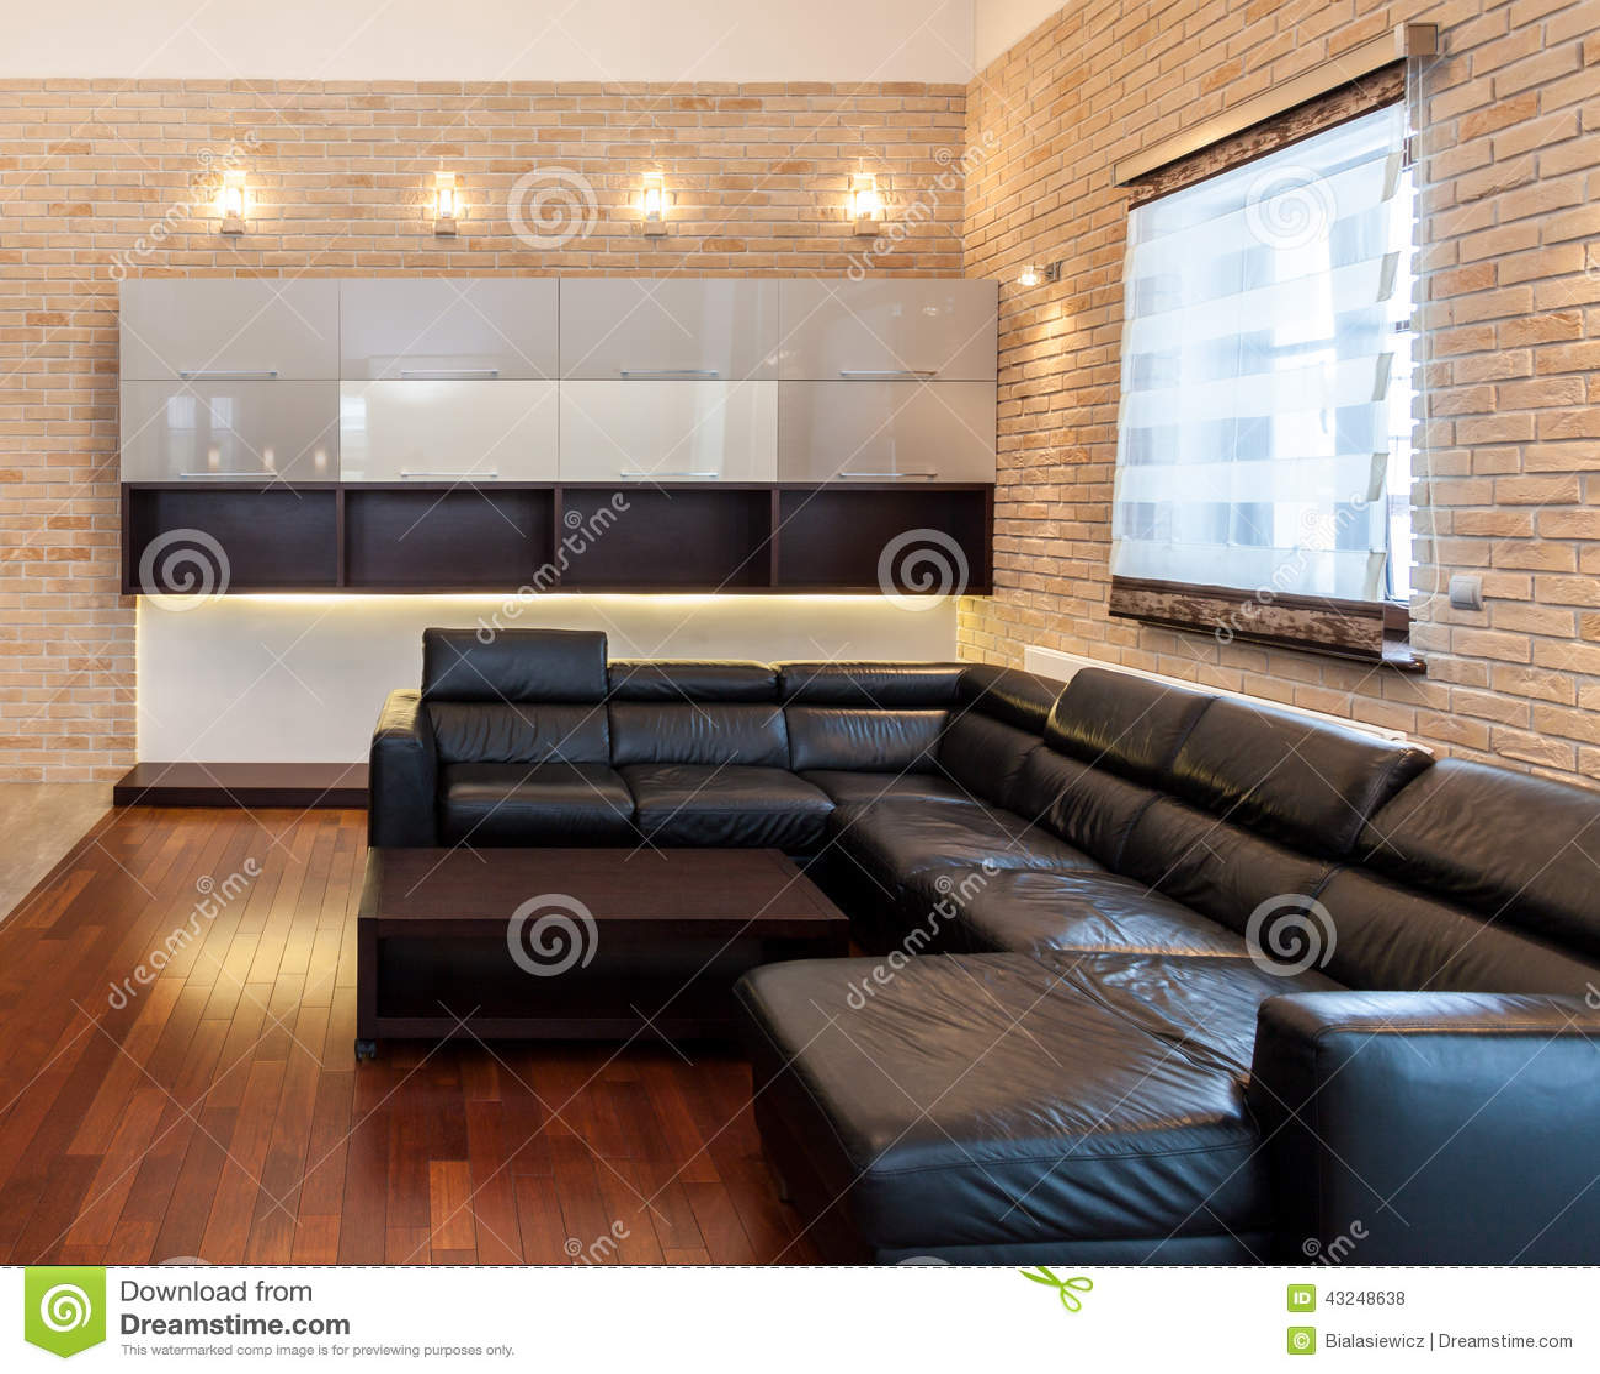 Große Ledercouch Im Wohnzimmer Stockfoto - Bild von ziegelstein ...